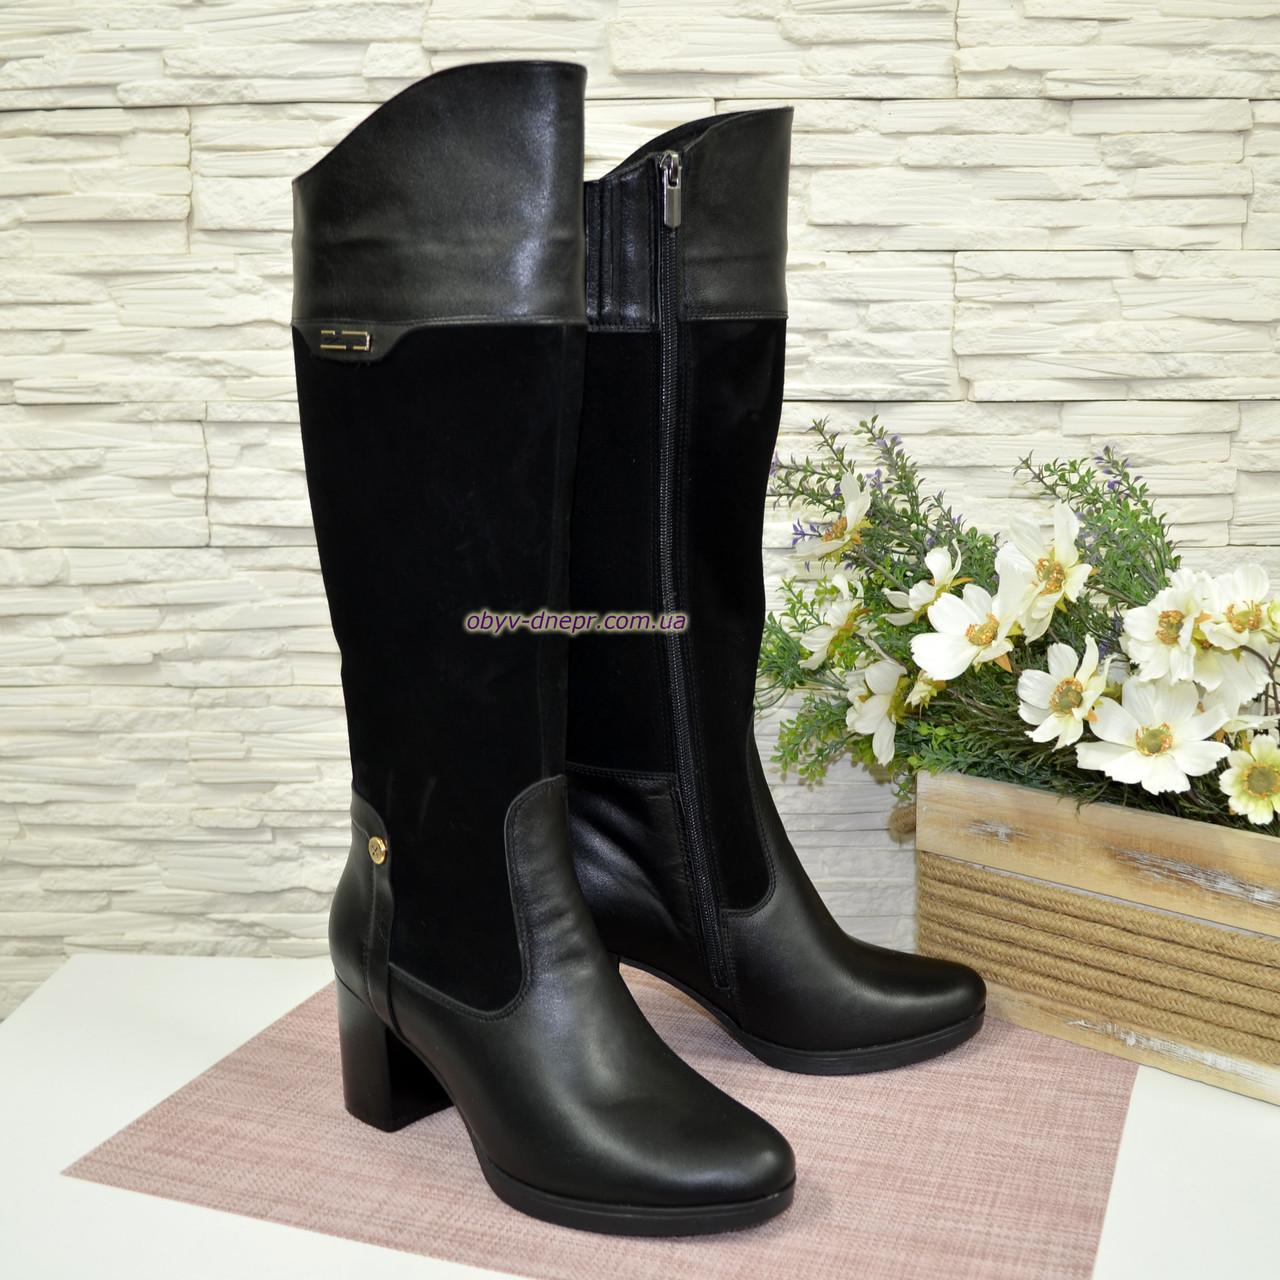 Сапоги зимние комбинированные на устойчивом каблуке